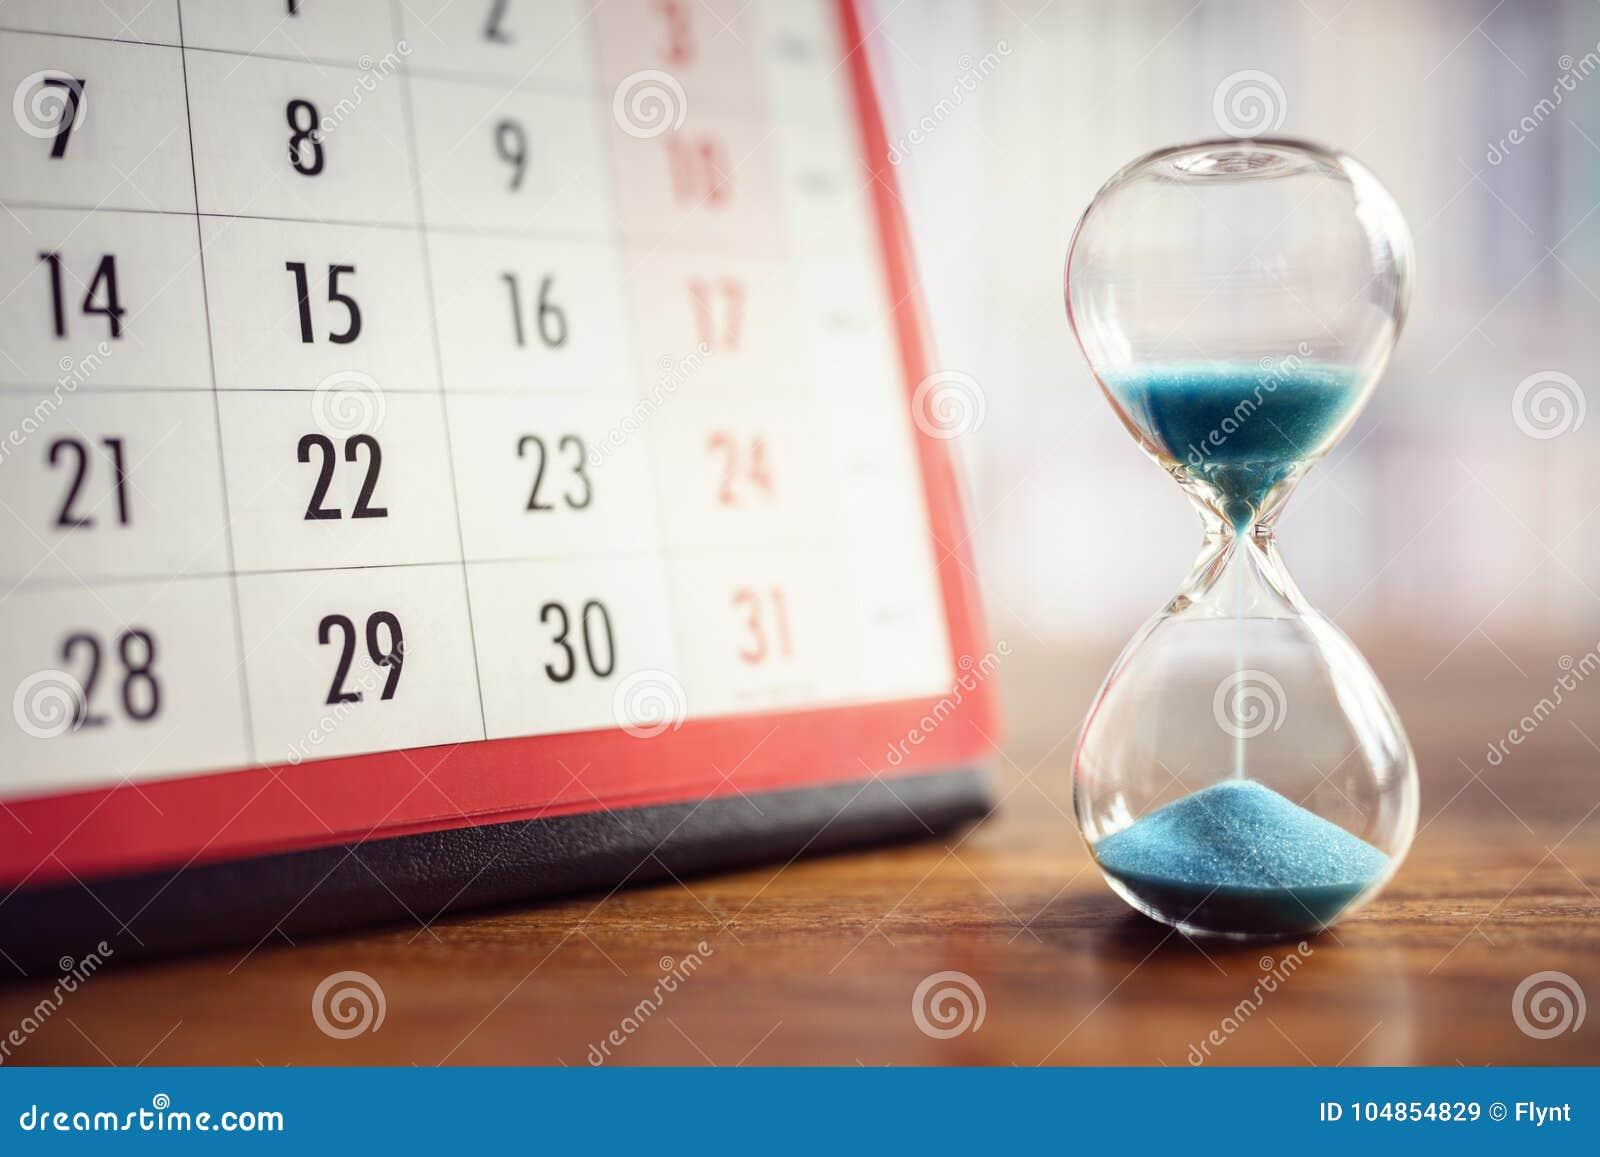 滴漏和日历